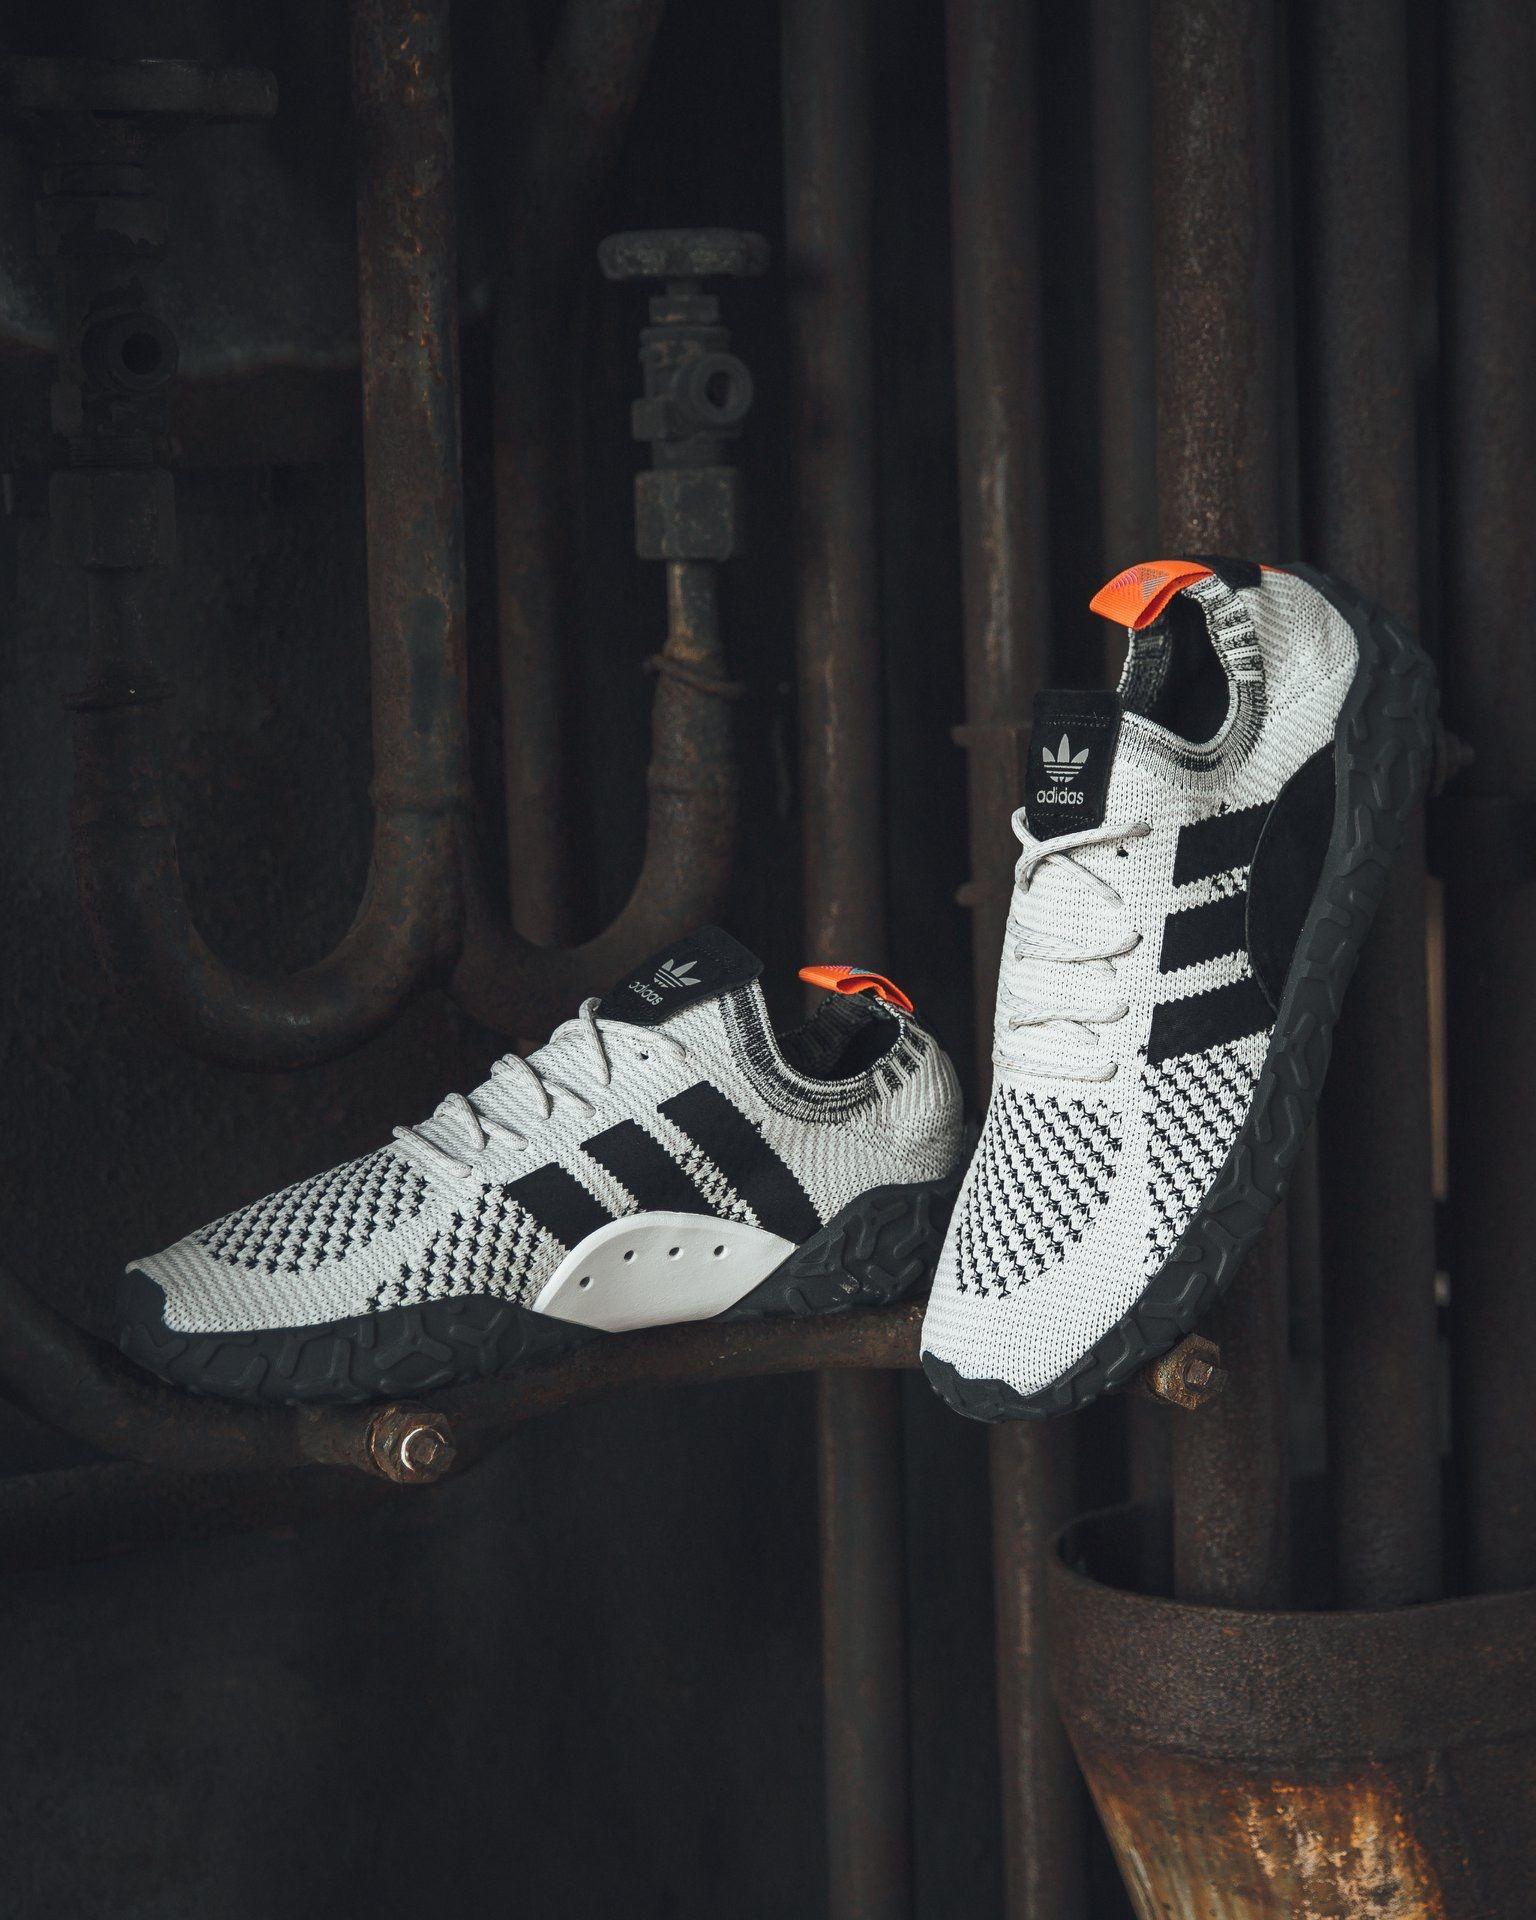 Originals Und Atric F22SportschuheKleidung Adidas Schuhe 76bygf